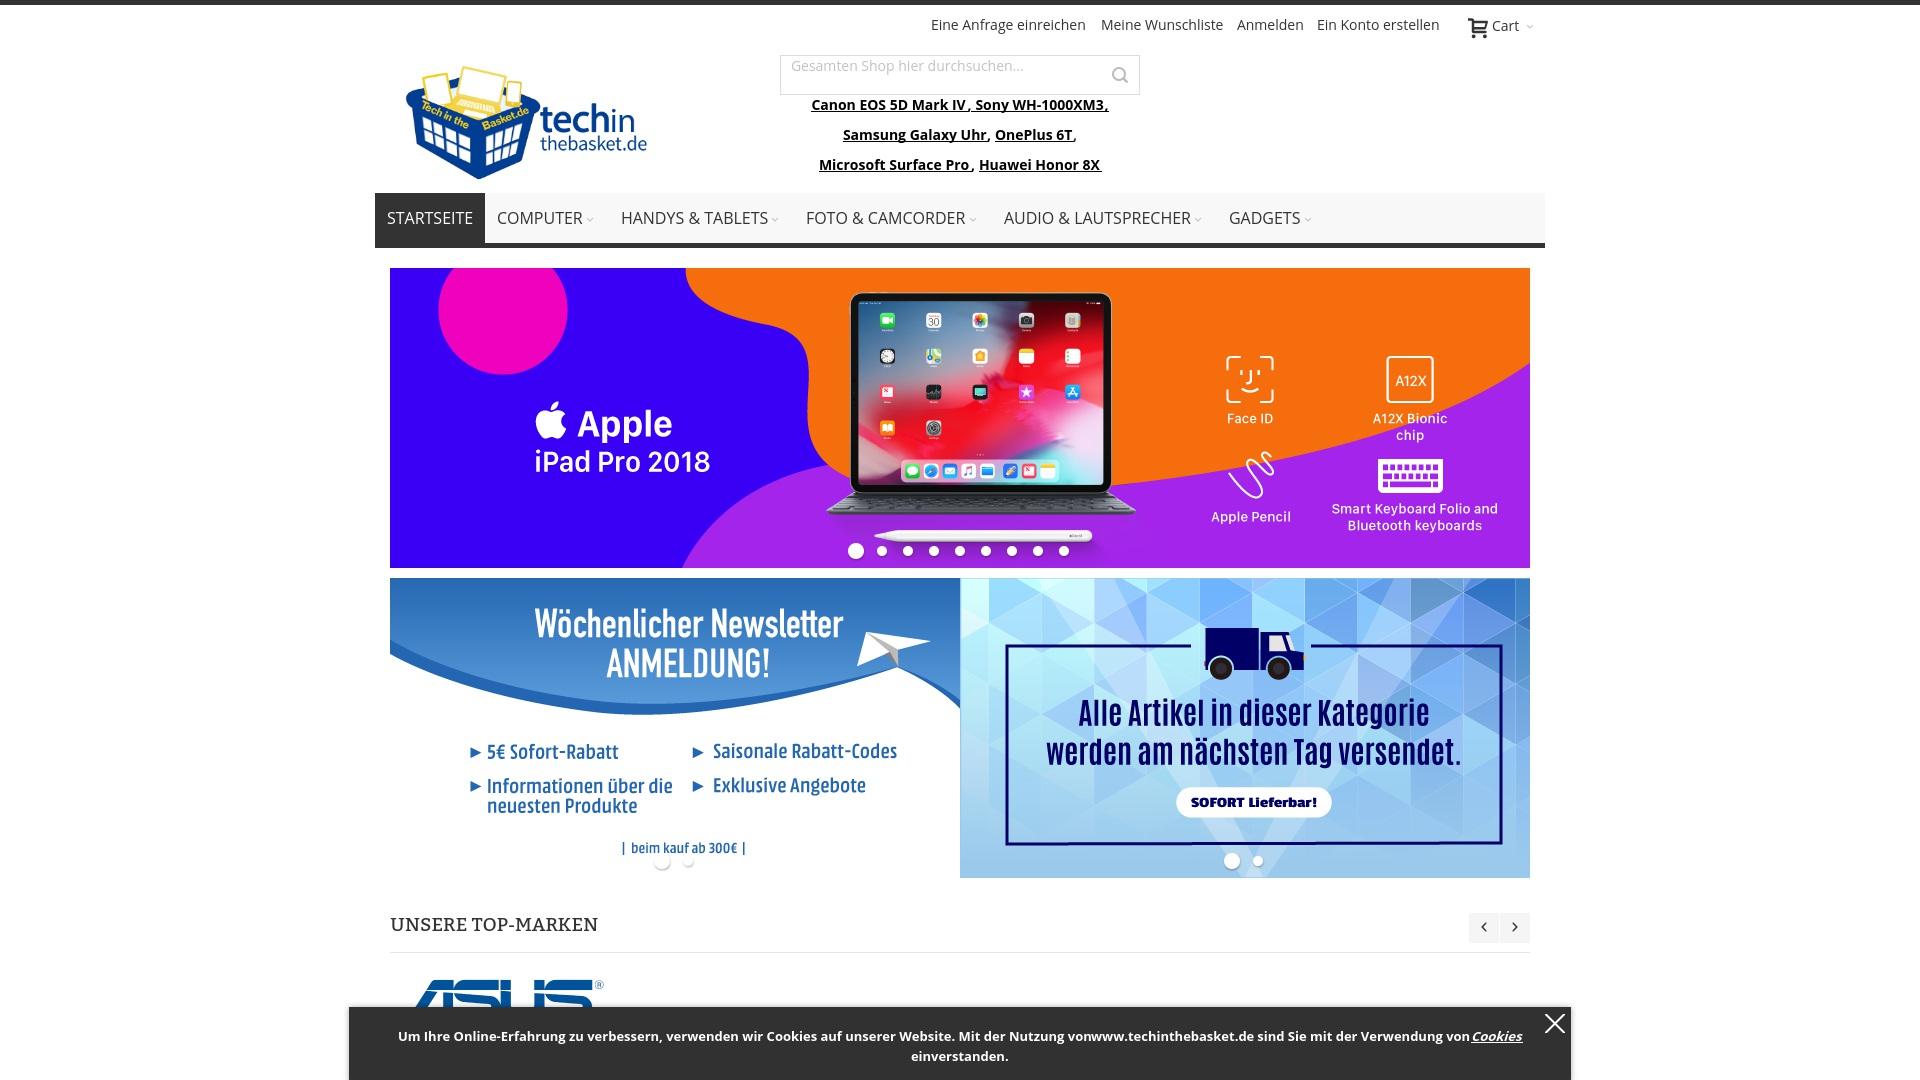 Gutschein für Techinthebasket: Rabatte für  Techinthebasket sichern